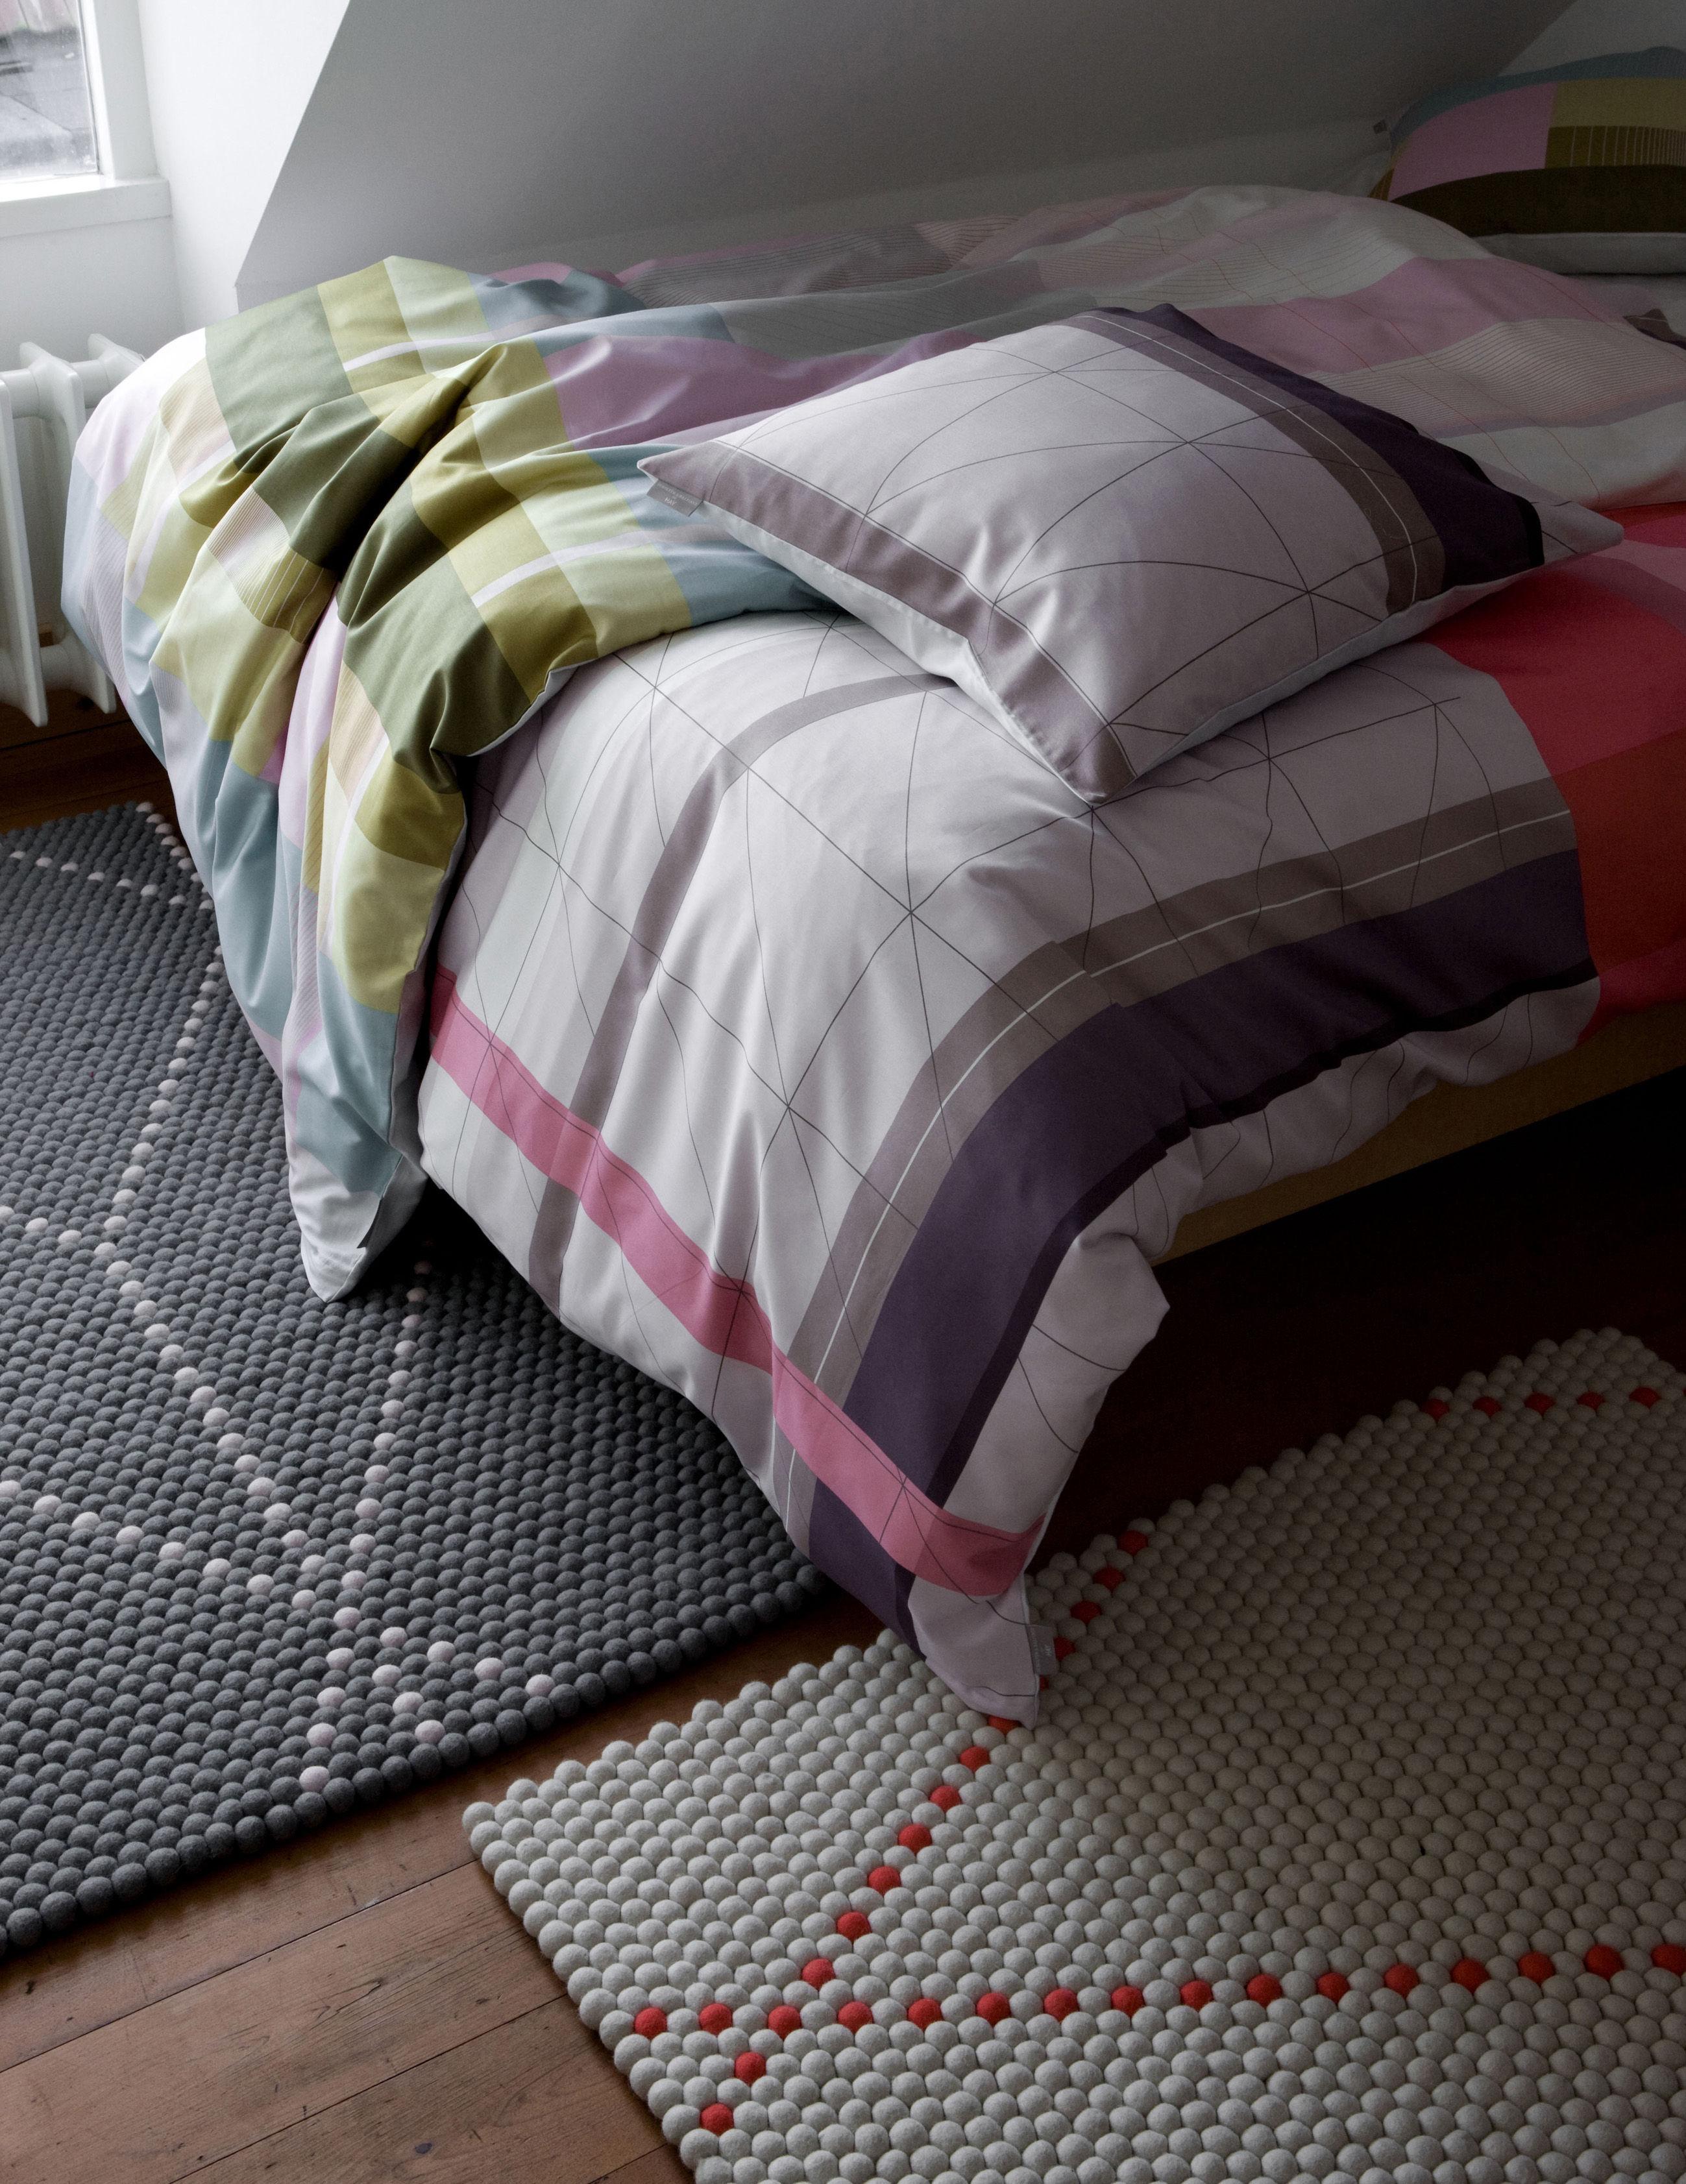 parure de lit 1 personne s b colour block 140 x 200 cm. Black Bedroom Furniture Sets. Home Design Ideas